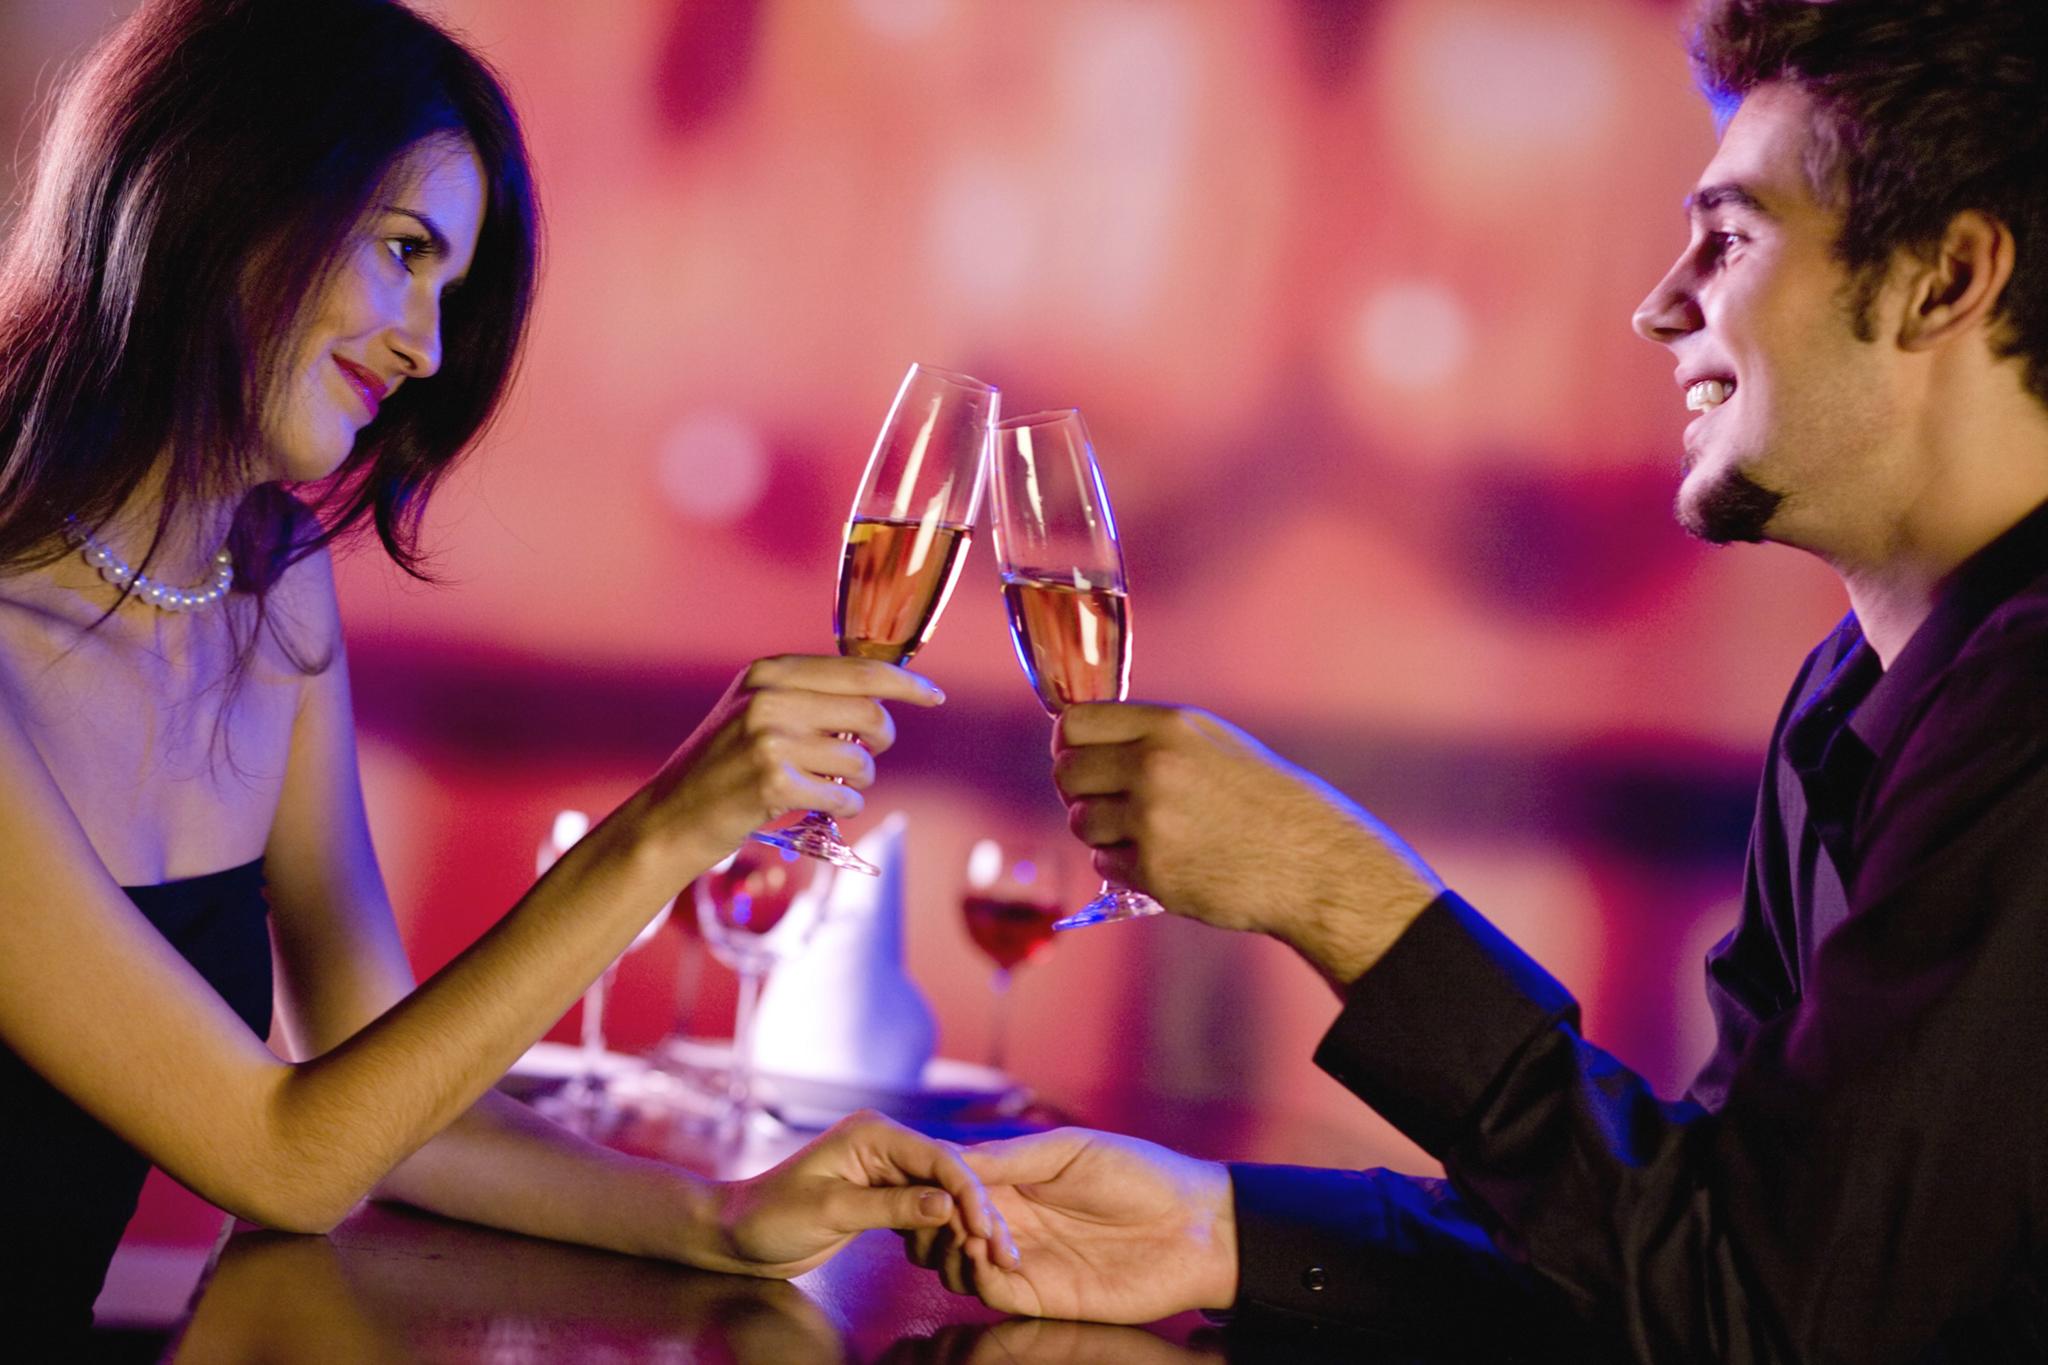 Stylizacje na Walentynki - w co się ubrać na randkę?